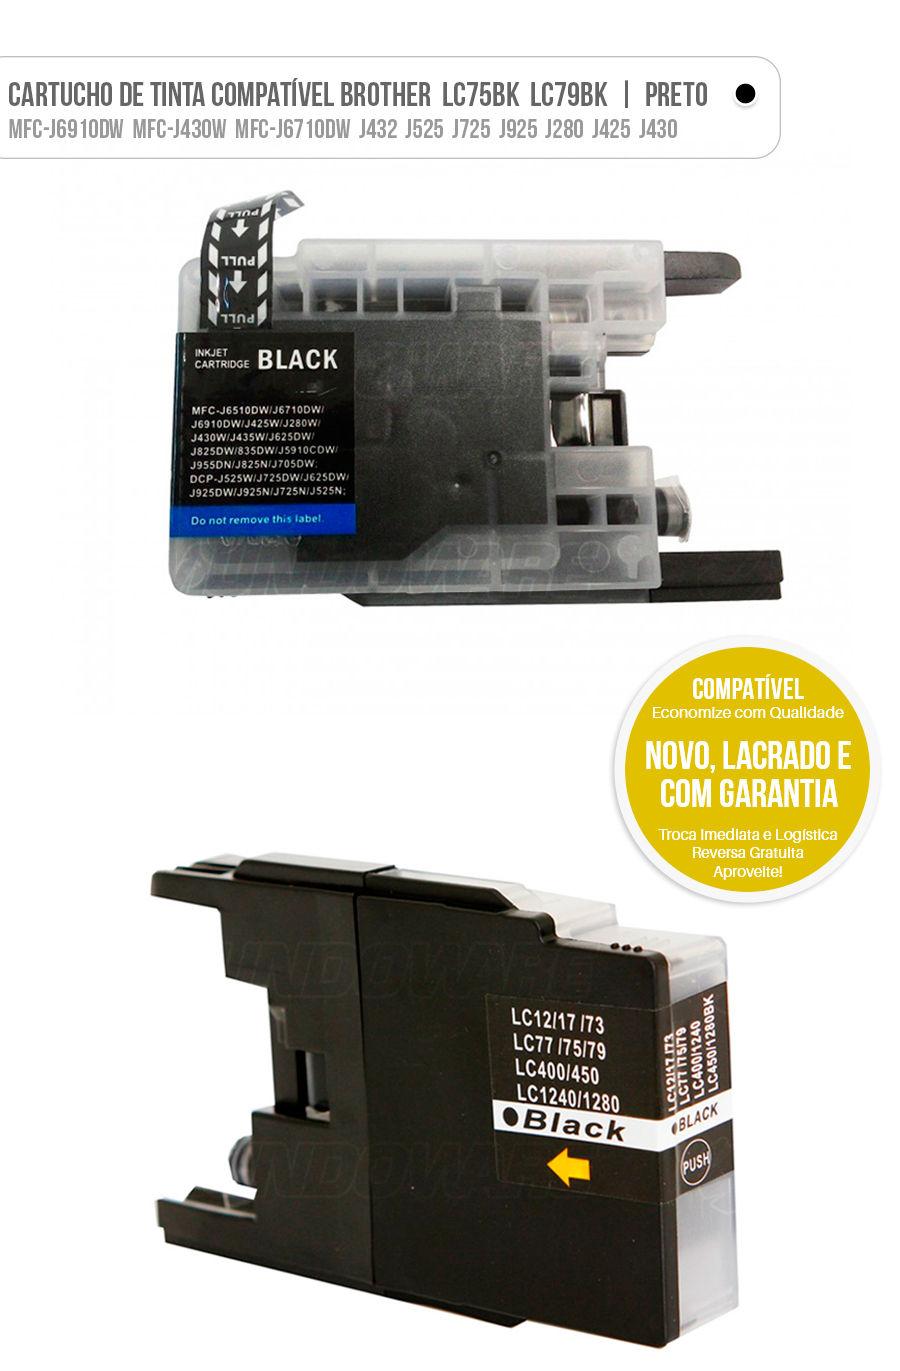 Cartucho de Tinta LC79BK LC75BK LC-79 LC-75 Brother Preto Black